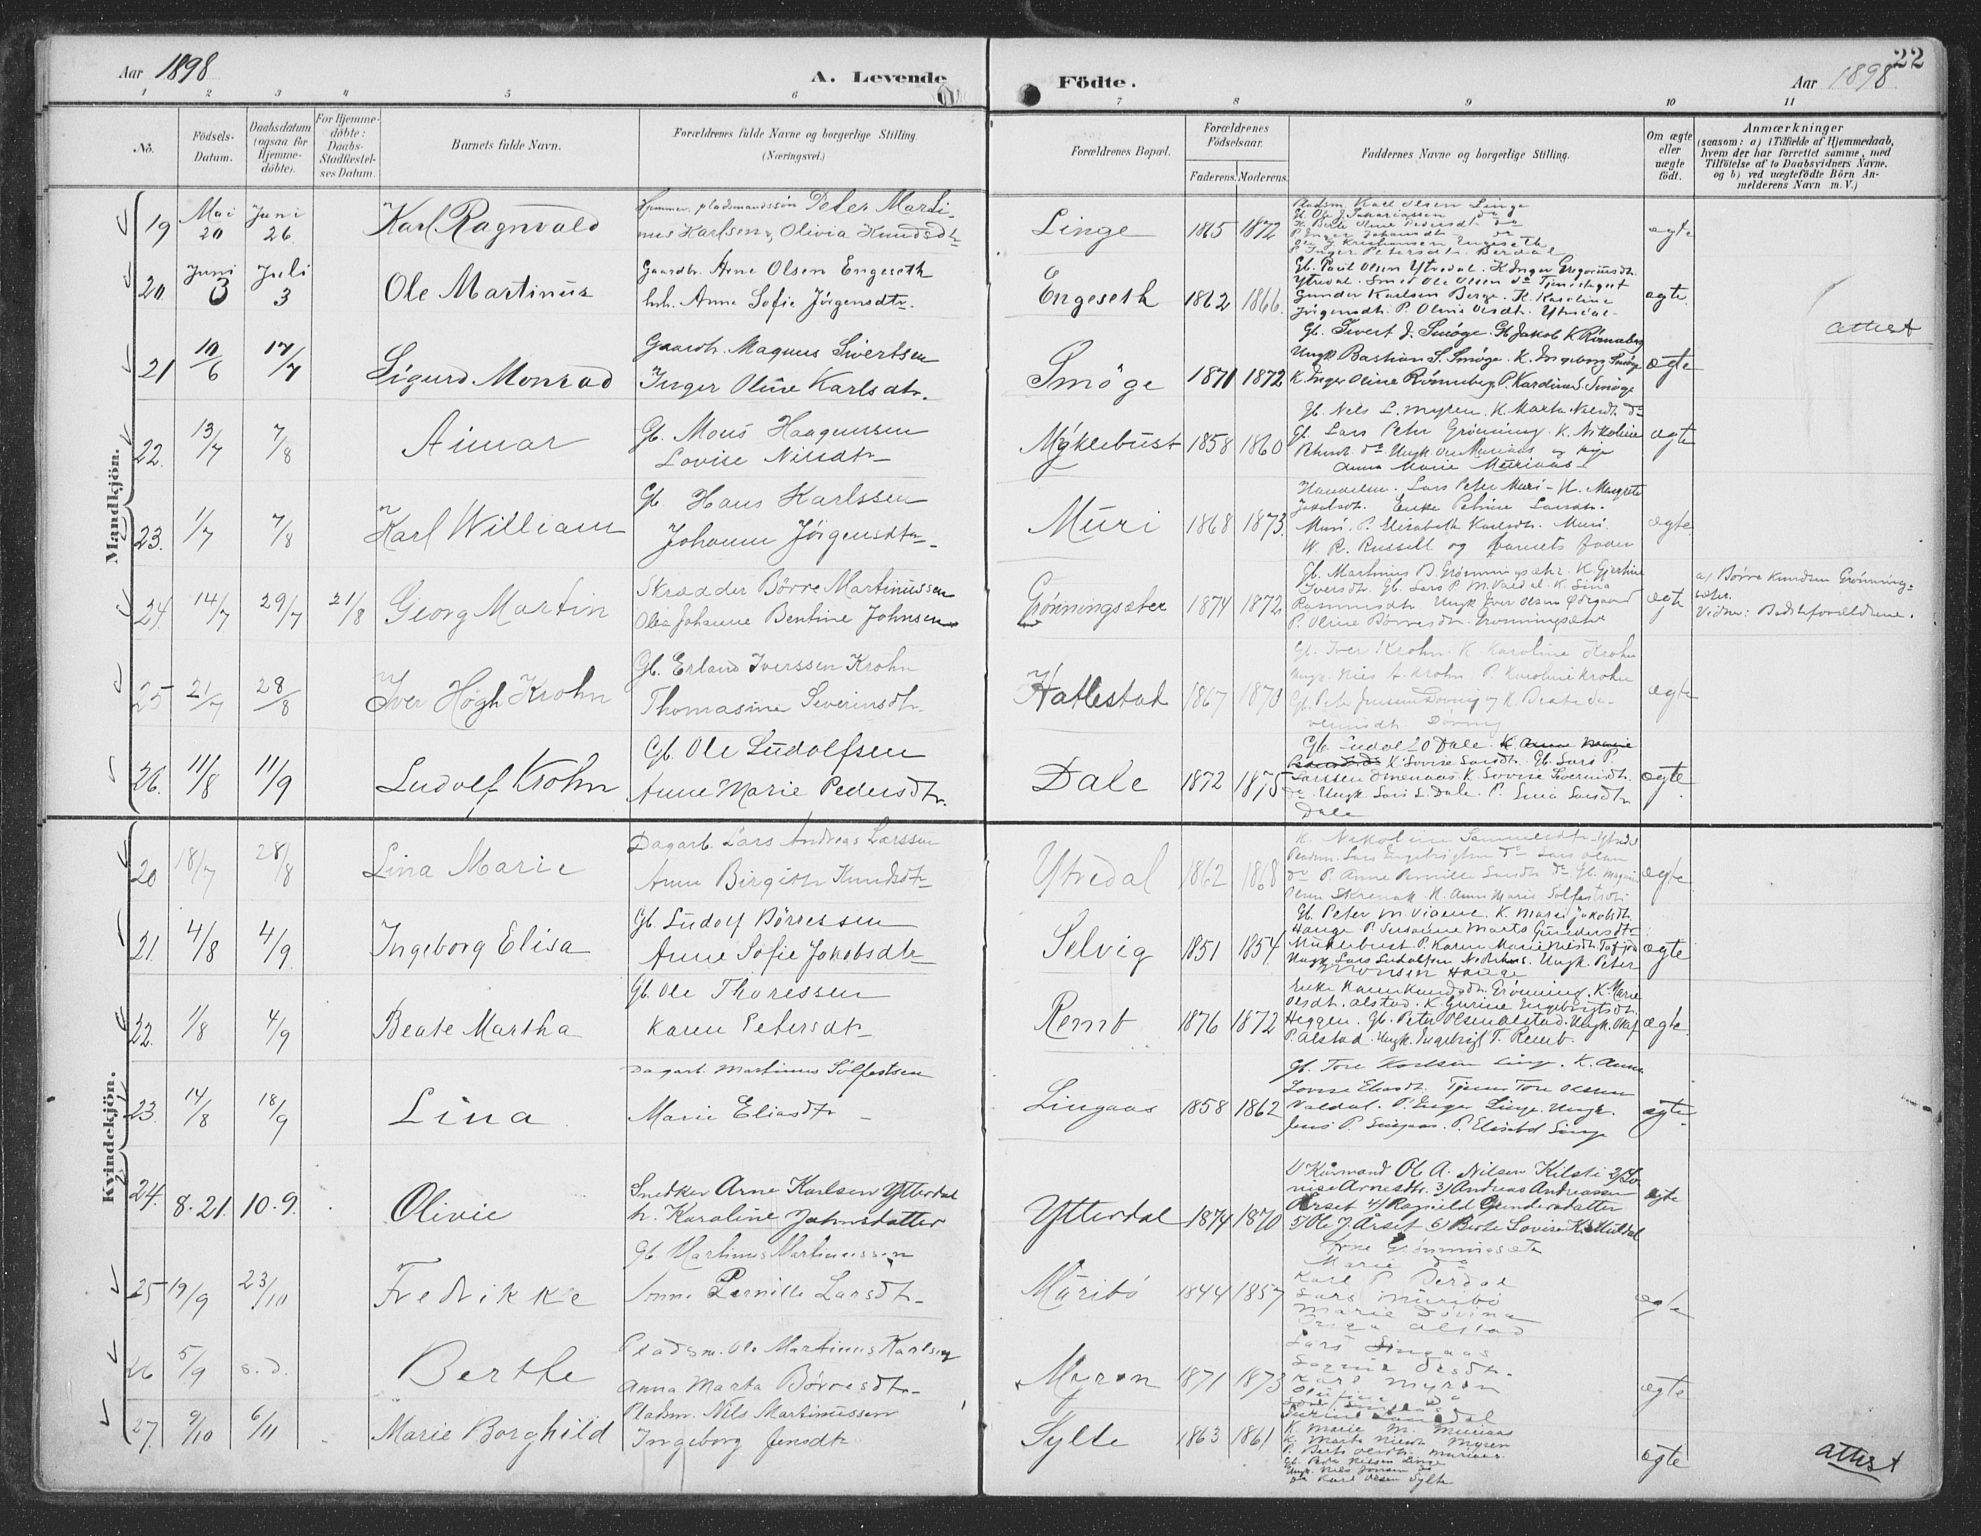 SAT, Ministerialprotokoller, klokkerbøker og fødselsregistre - Møre og Romsdal, 519/L0256: Ministerialbok nr. 519A15, 1895-1912, s. 22